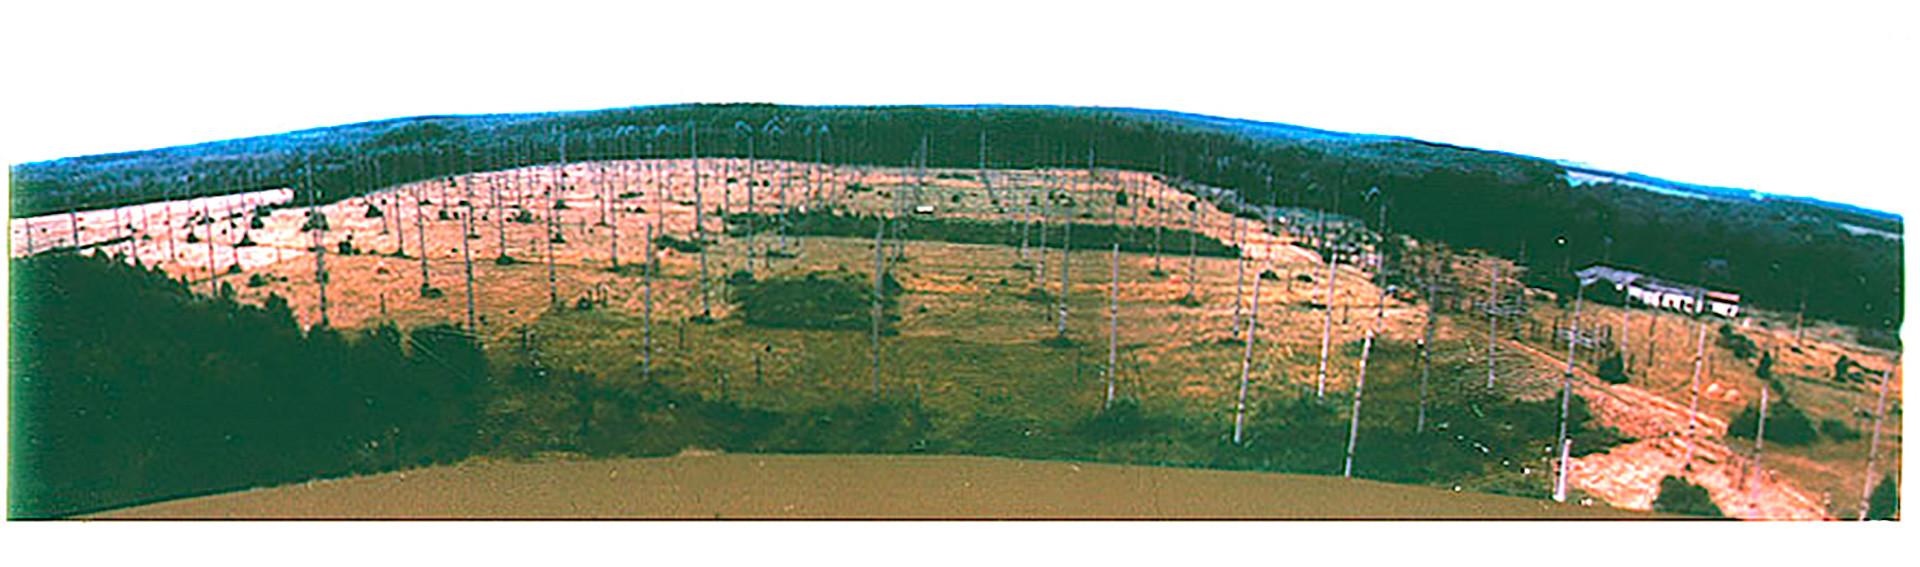 La Instalación de Calentamiento Ionosférico de Sura, región de Nizhni Nóvgorod